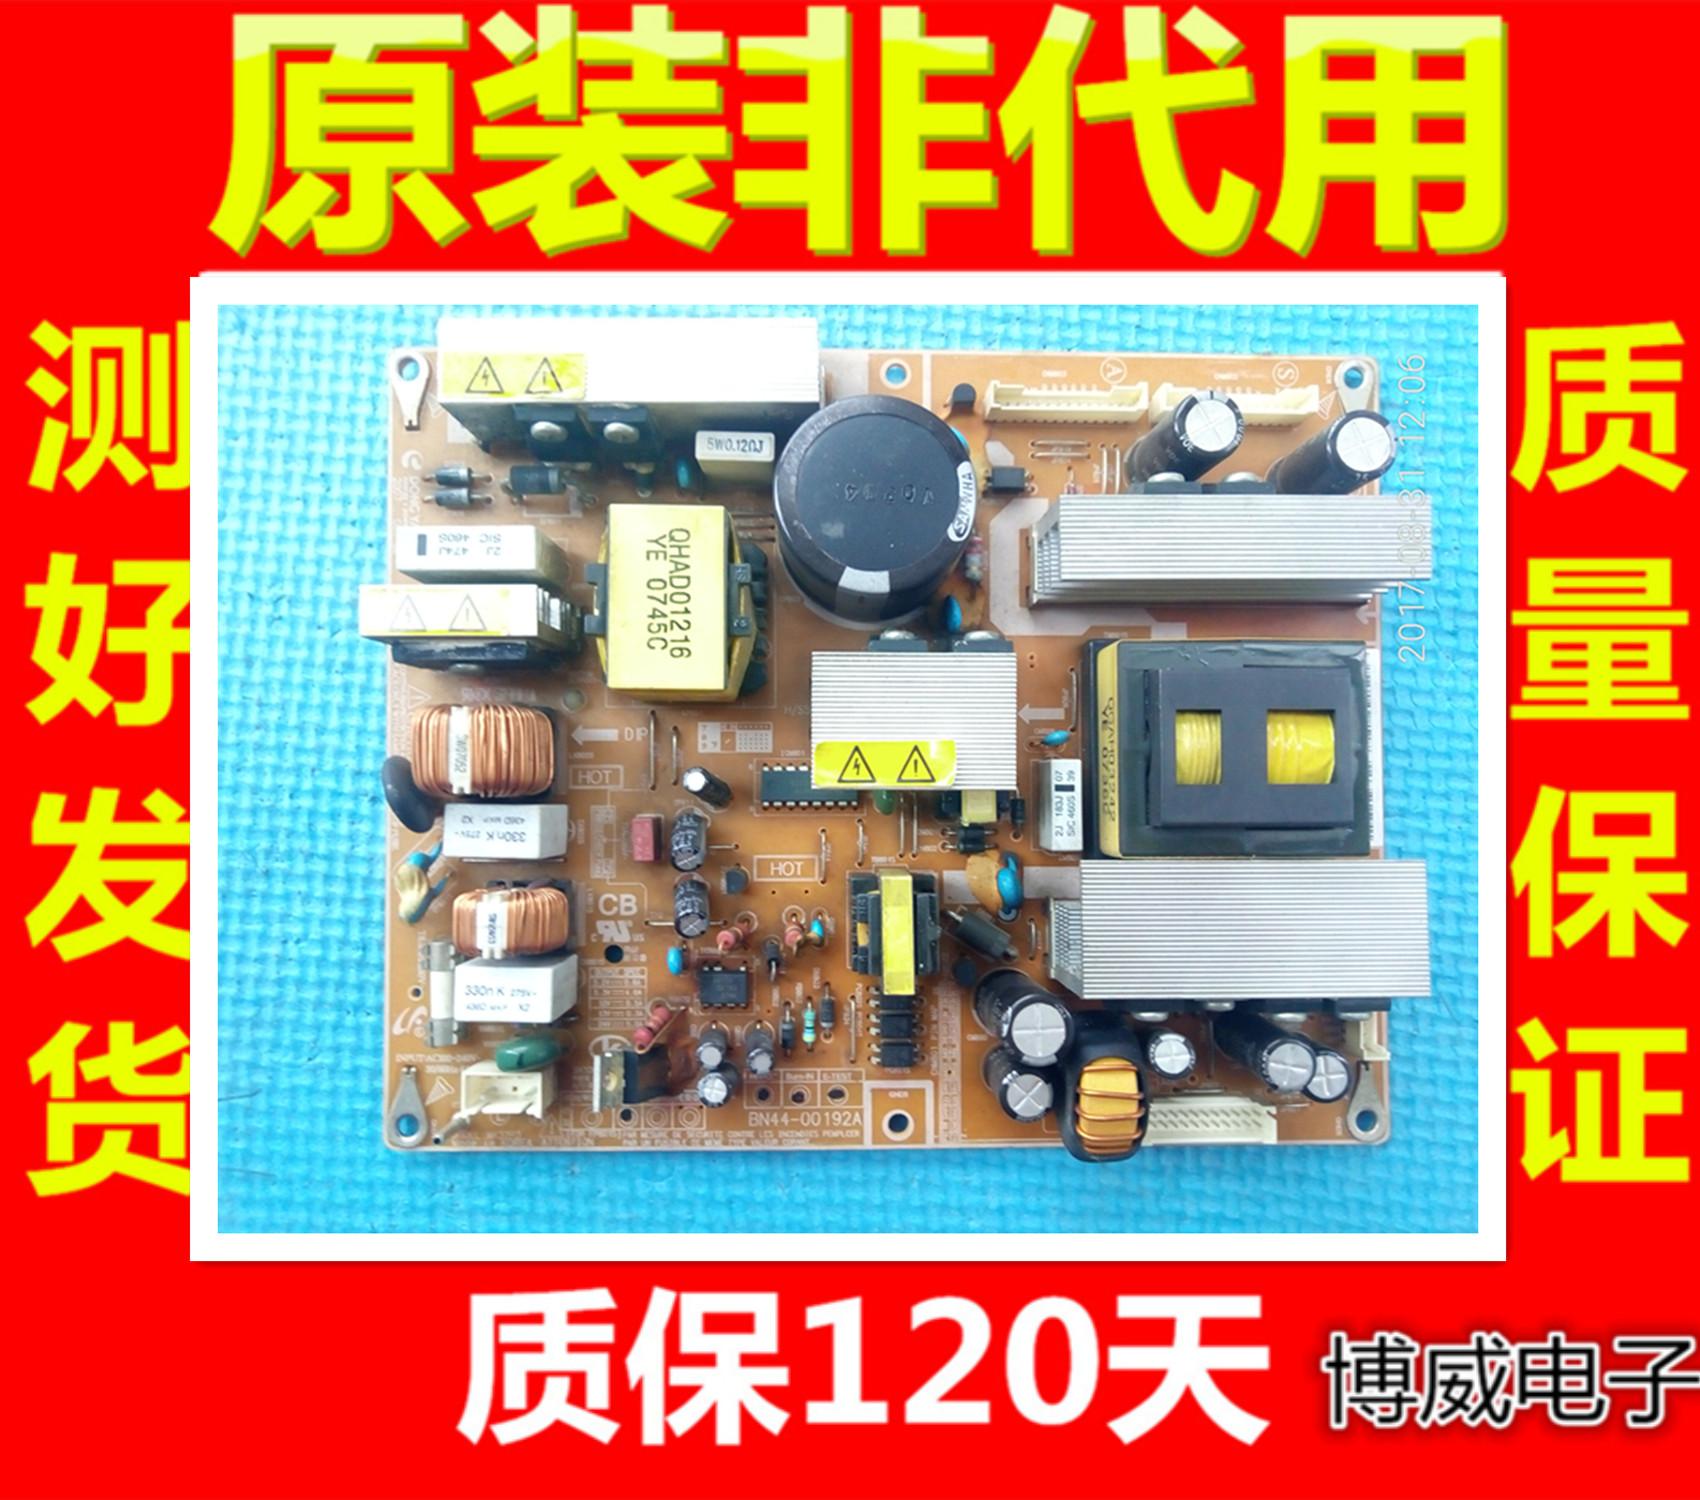 Samsung LA32R81BA32 LCD plat de télévision d'une amplification de puissance haute tension à courant constant LY810 + la plaque de rétroéclairage